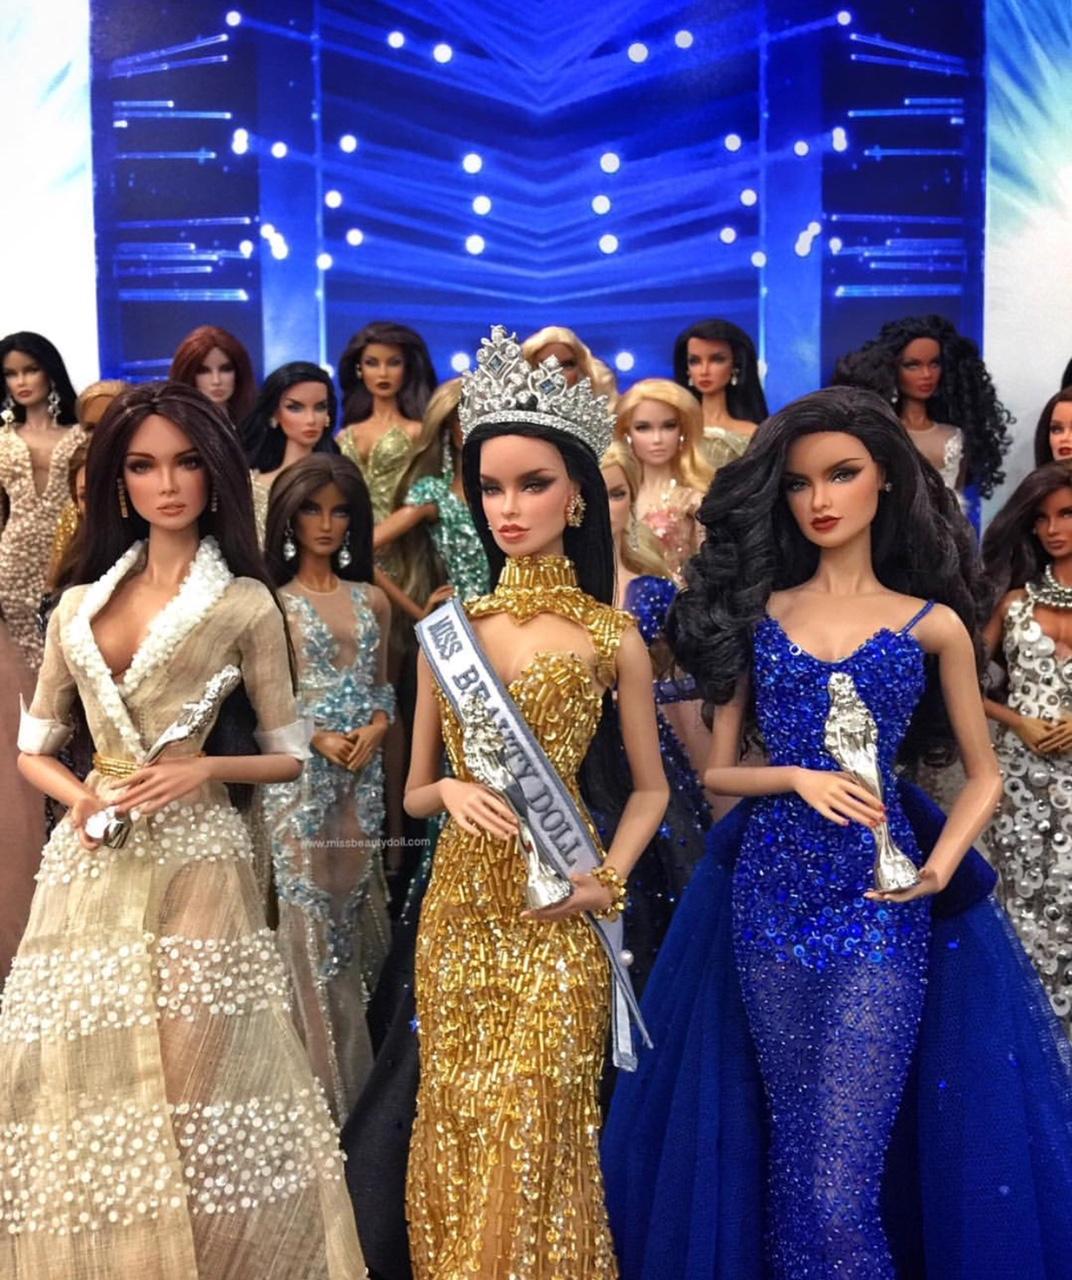 Juara bersama naib juara dari Filipina dan tempat ketiga dari Thailand.